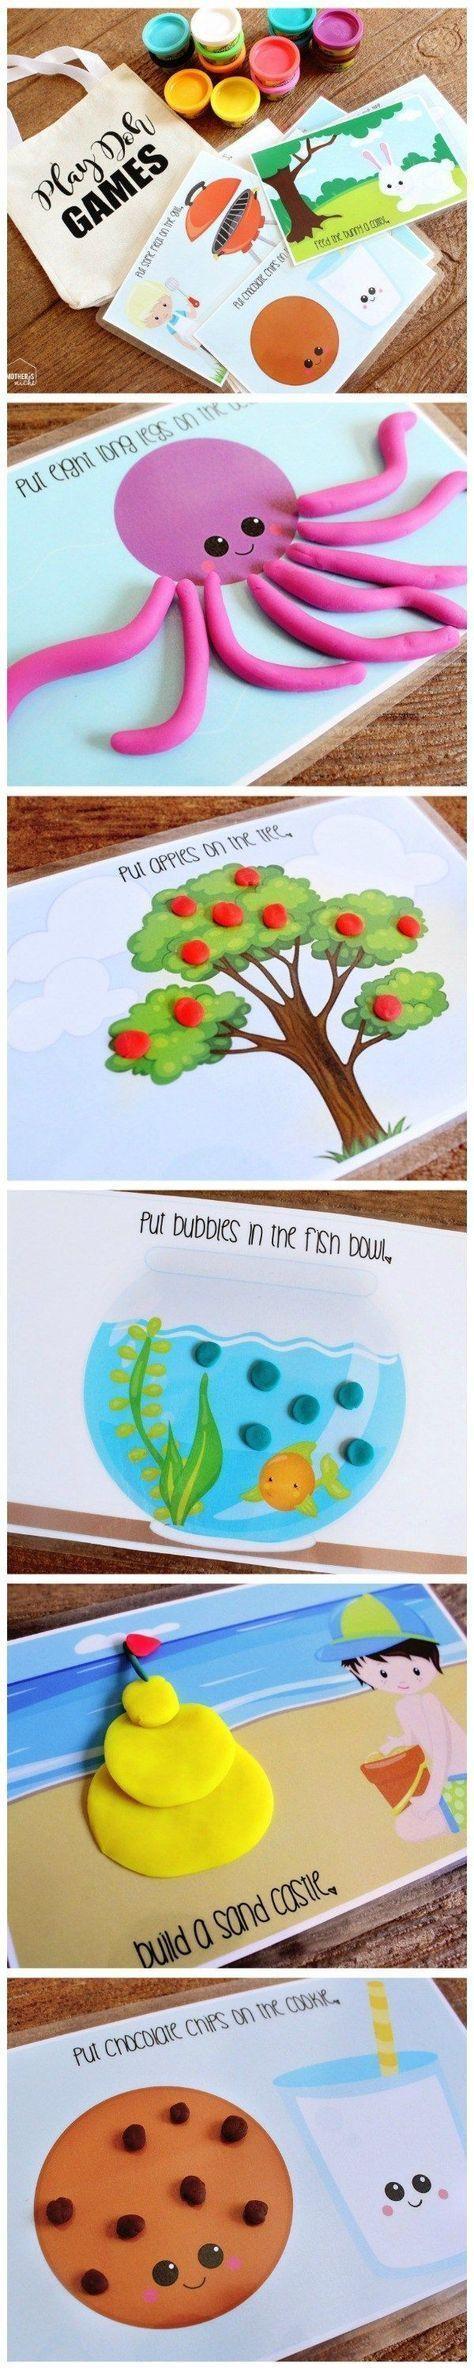 这些玩面团的活动垫对于幼儿和学龄前儿童来说非常可爱,非常有趣!印在半张纸上,制作完美的忙碌包包!